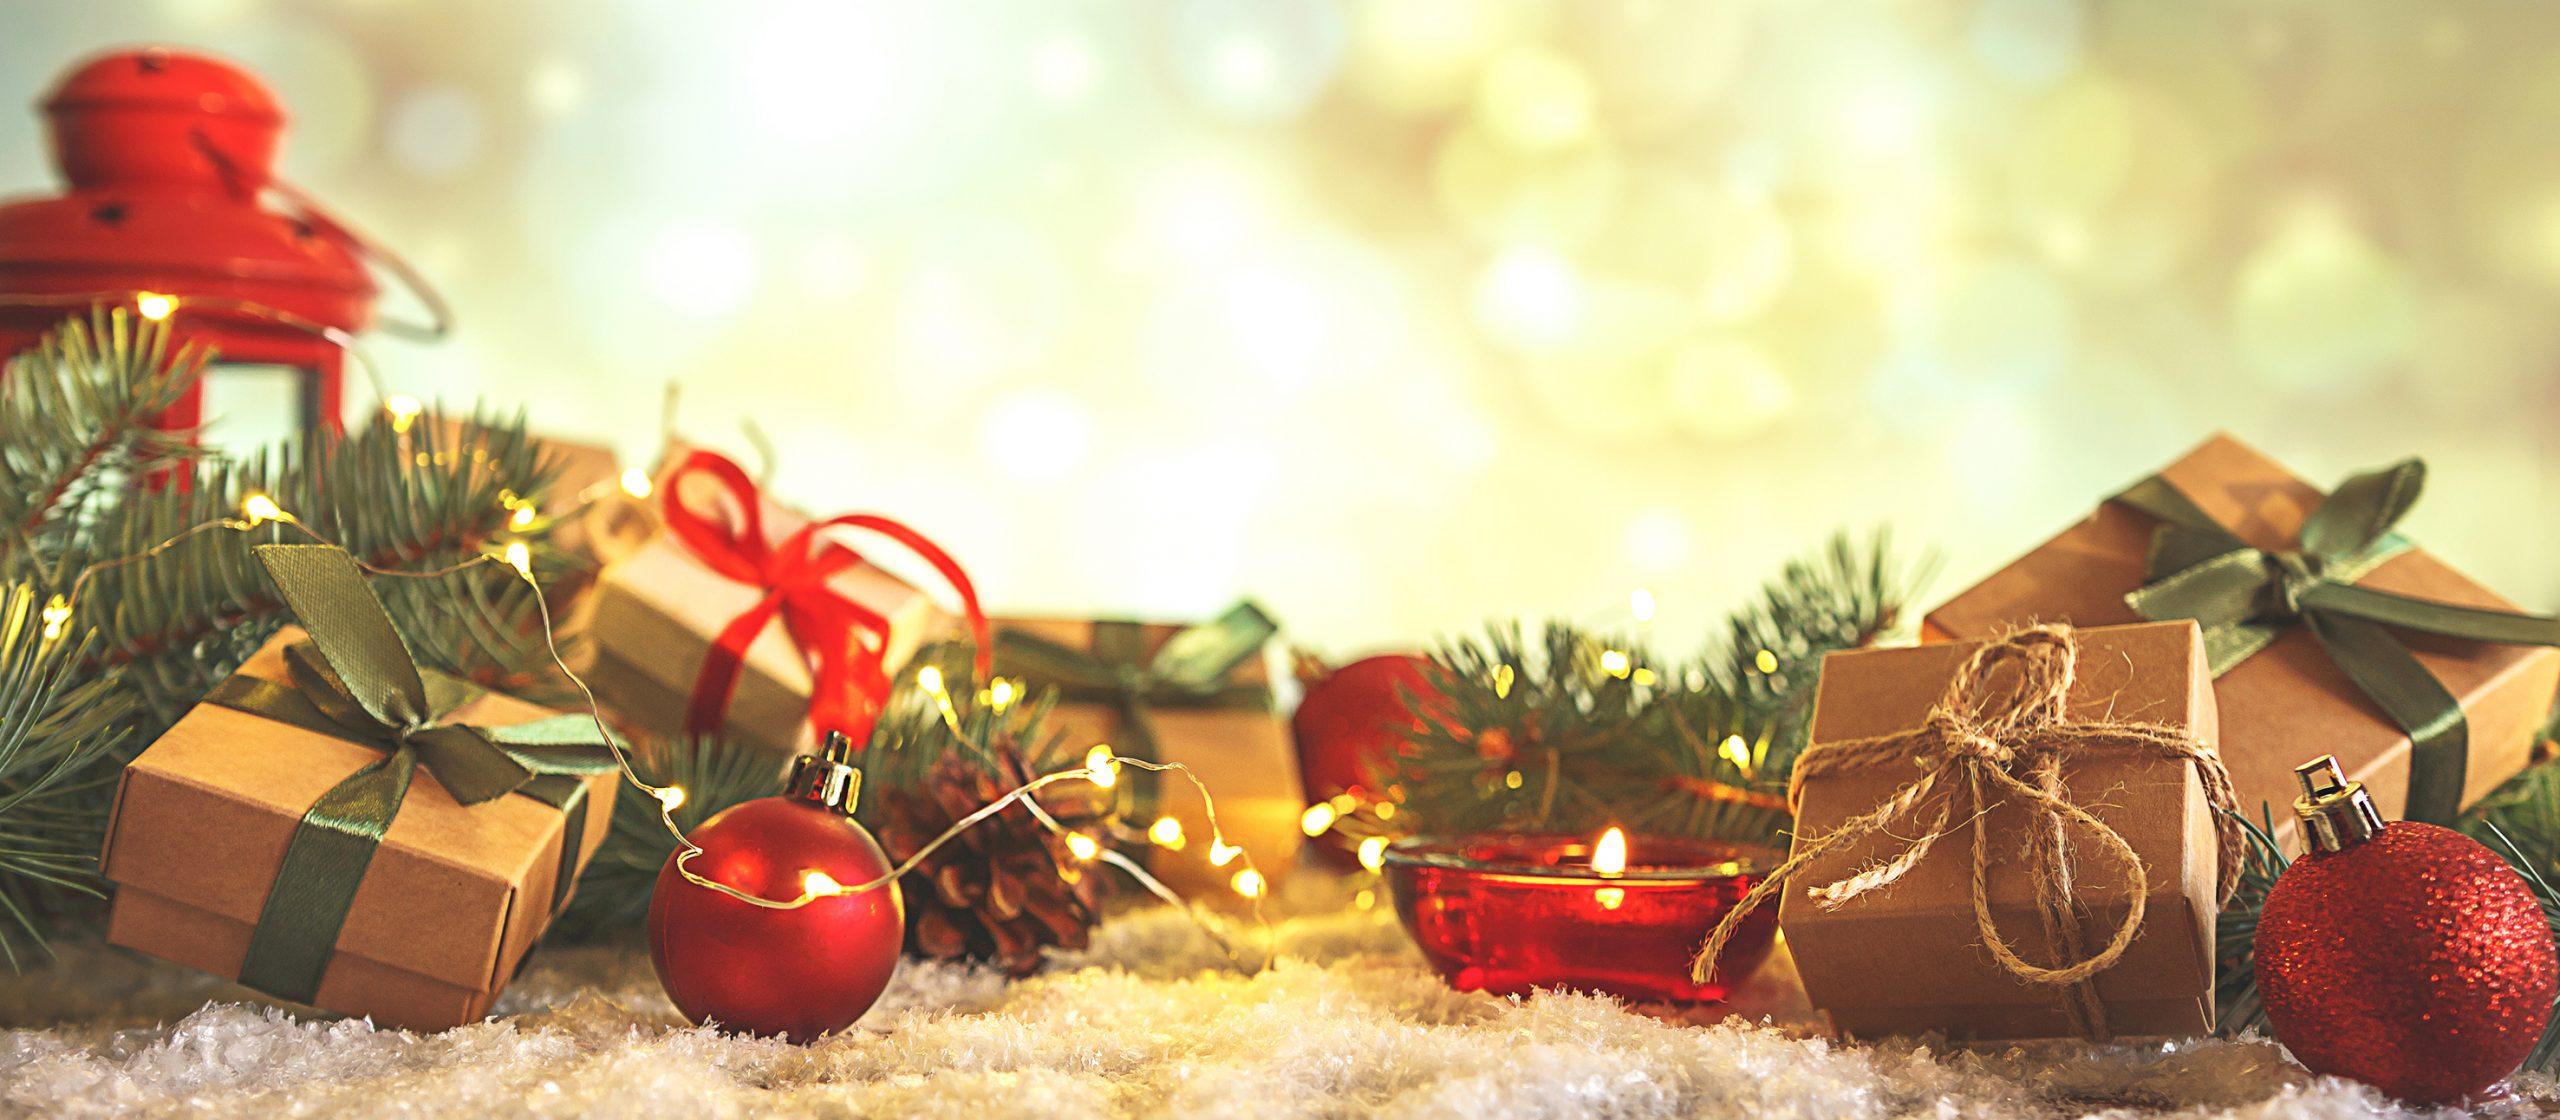 Titel kulinarische Weihnachtsgeschenke von Jungborn